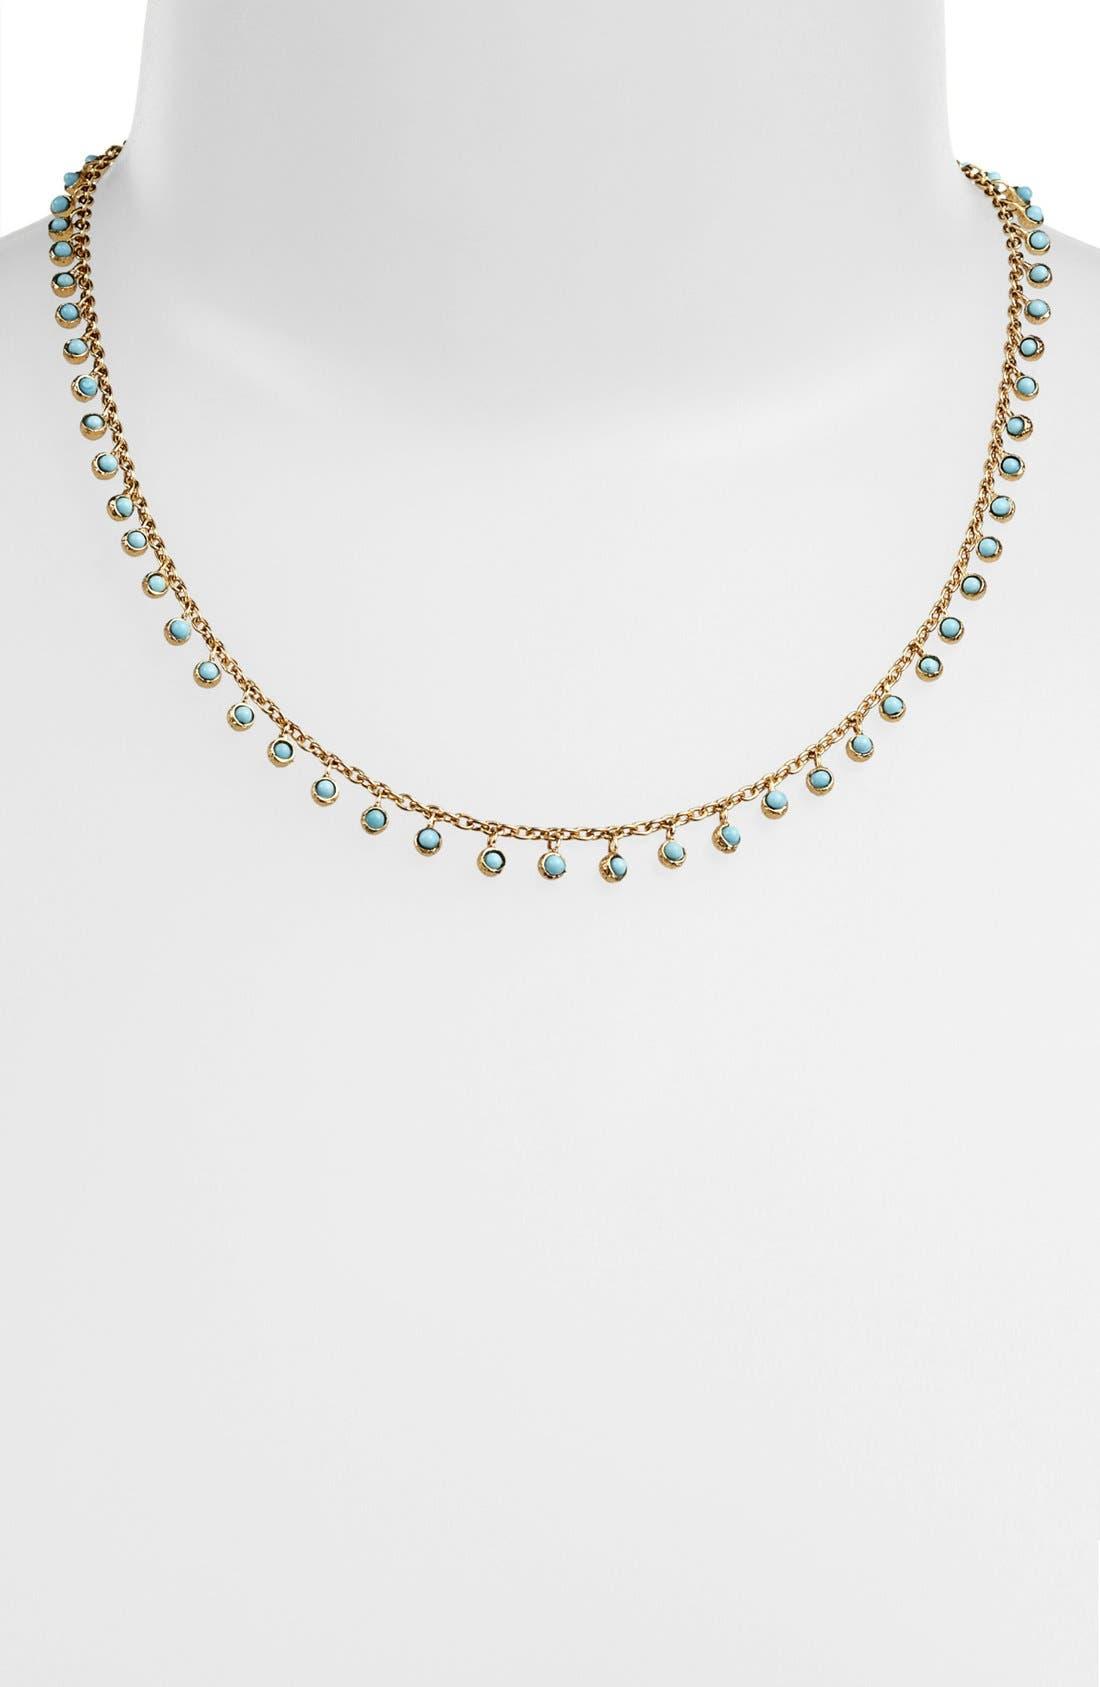 Main Image - Melinda Maria 'Fringe' Collar Necklace